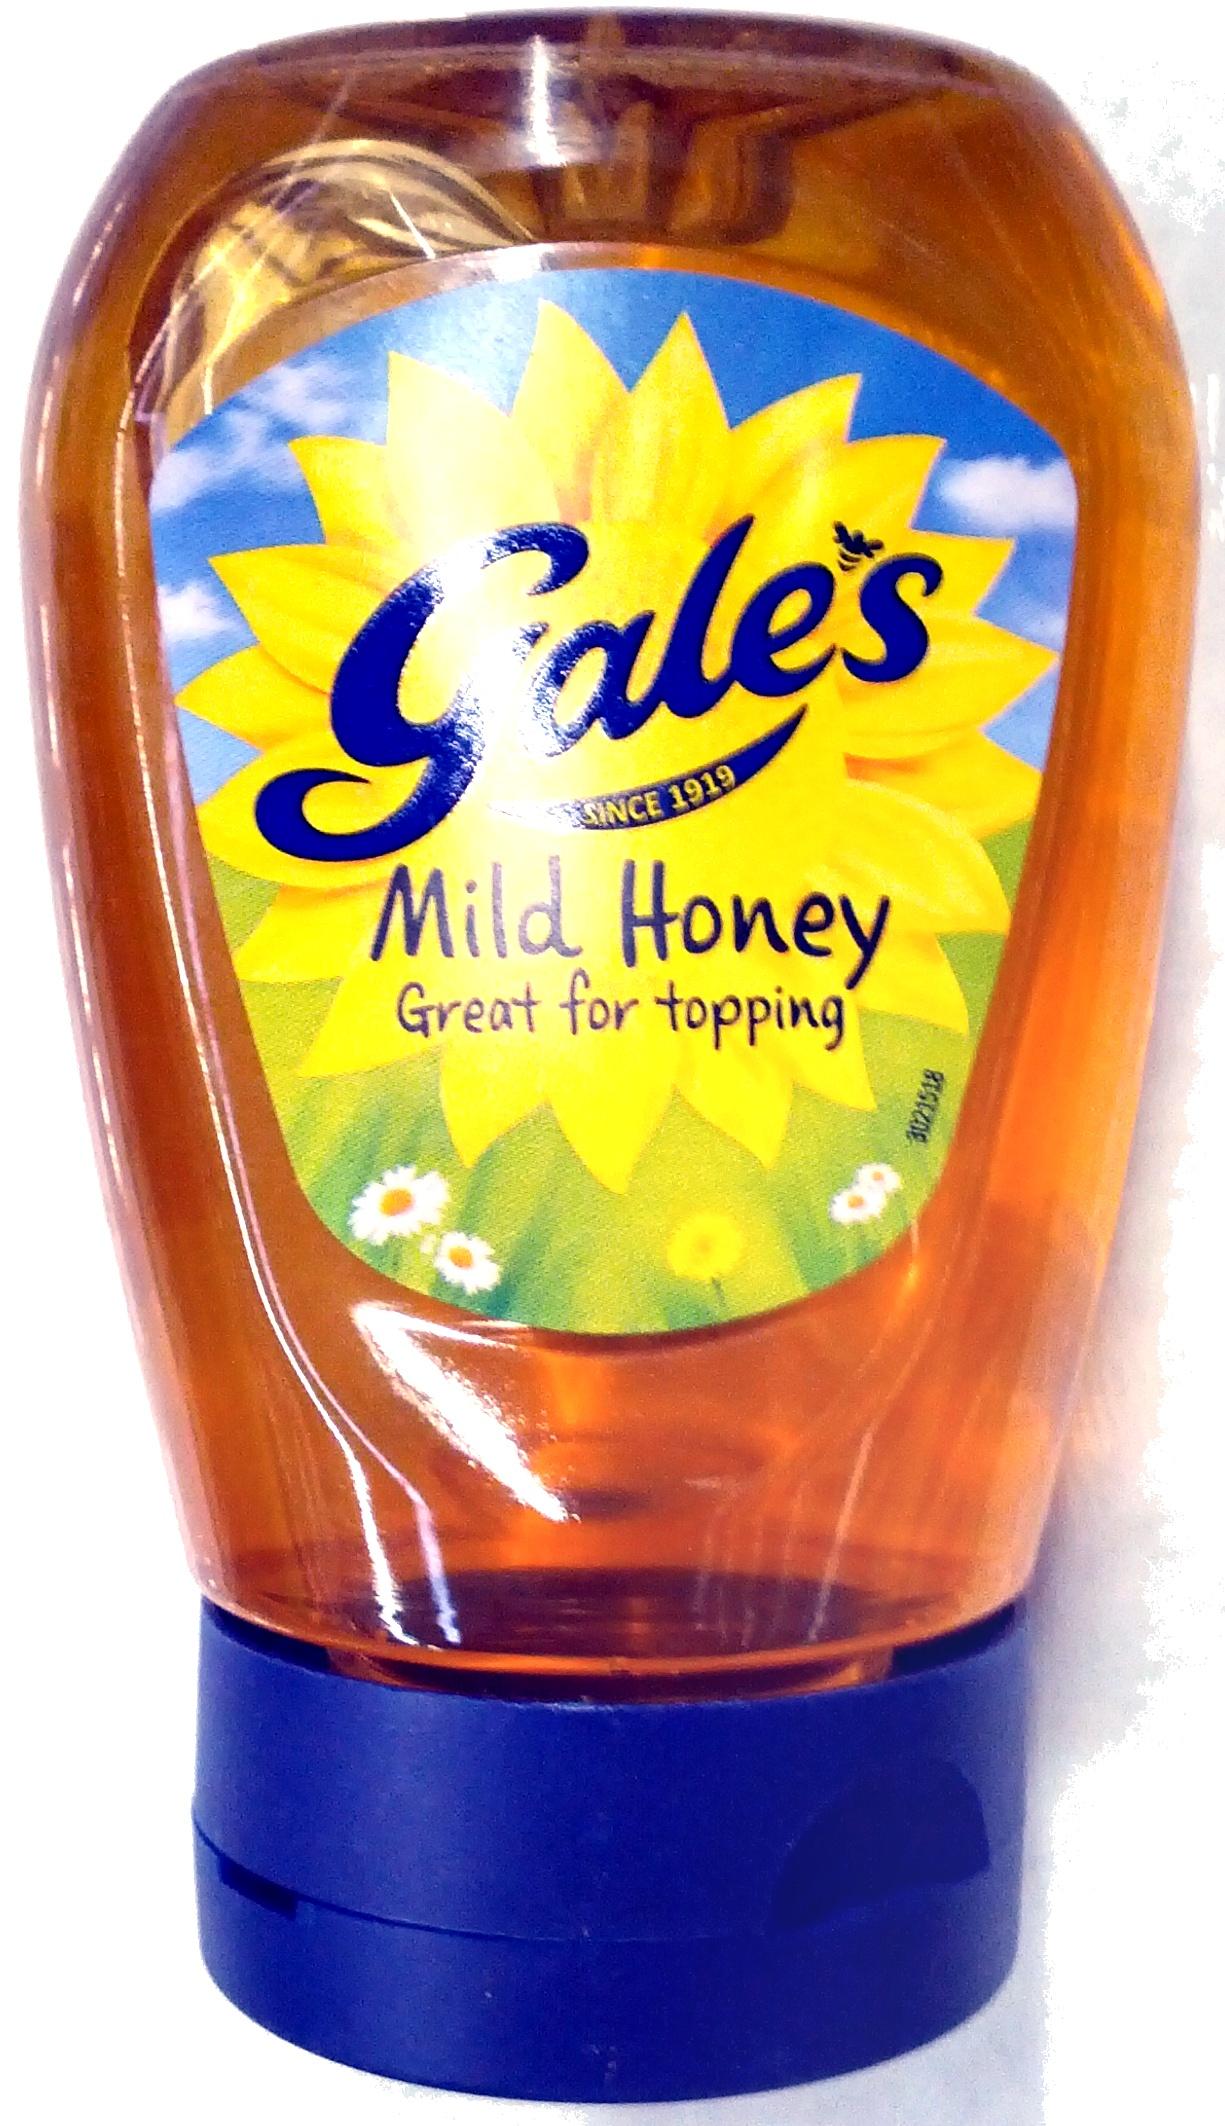 Mild Honey - Product - en